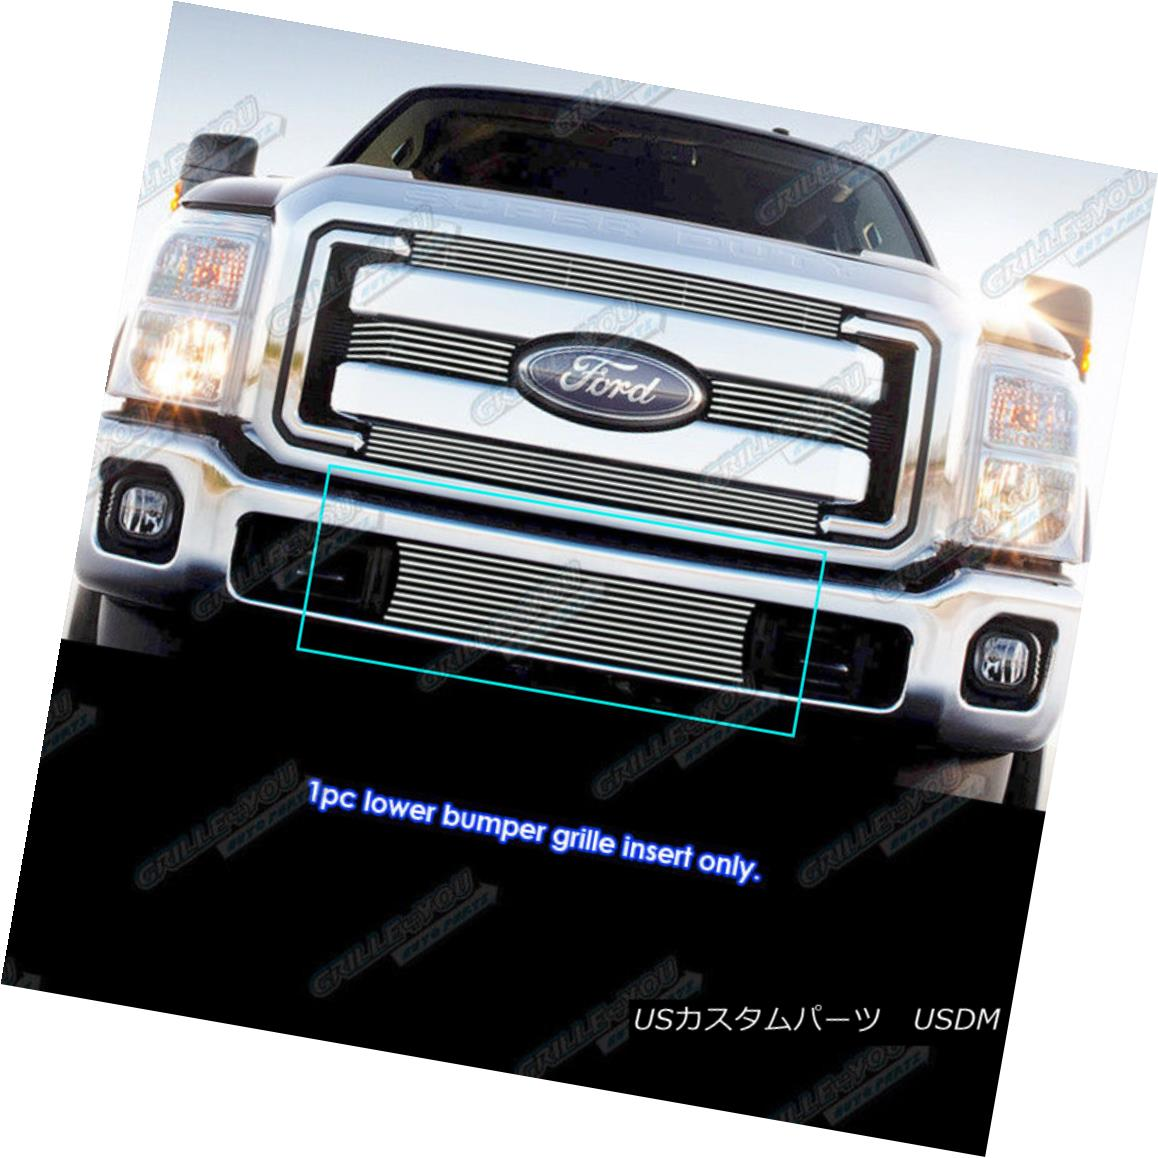 グリル Fits 2011-2016 Ford F-250/F-350 Super Duty Bumper Billet Grille Insert 2011-2016 Ford F-250 / F-350スーパーデューティバンパービレットグリルインサート